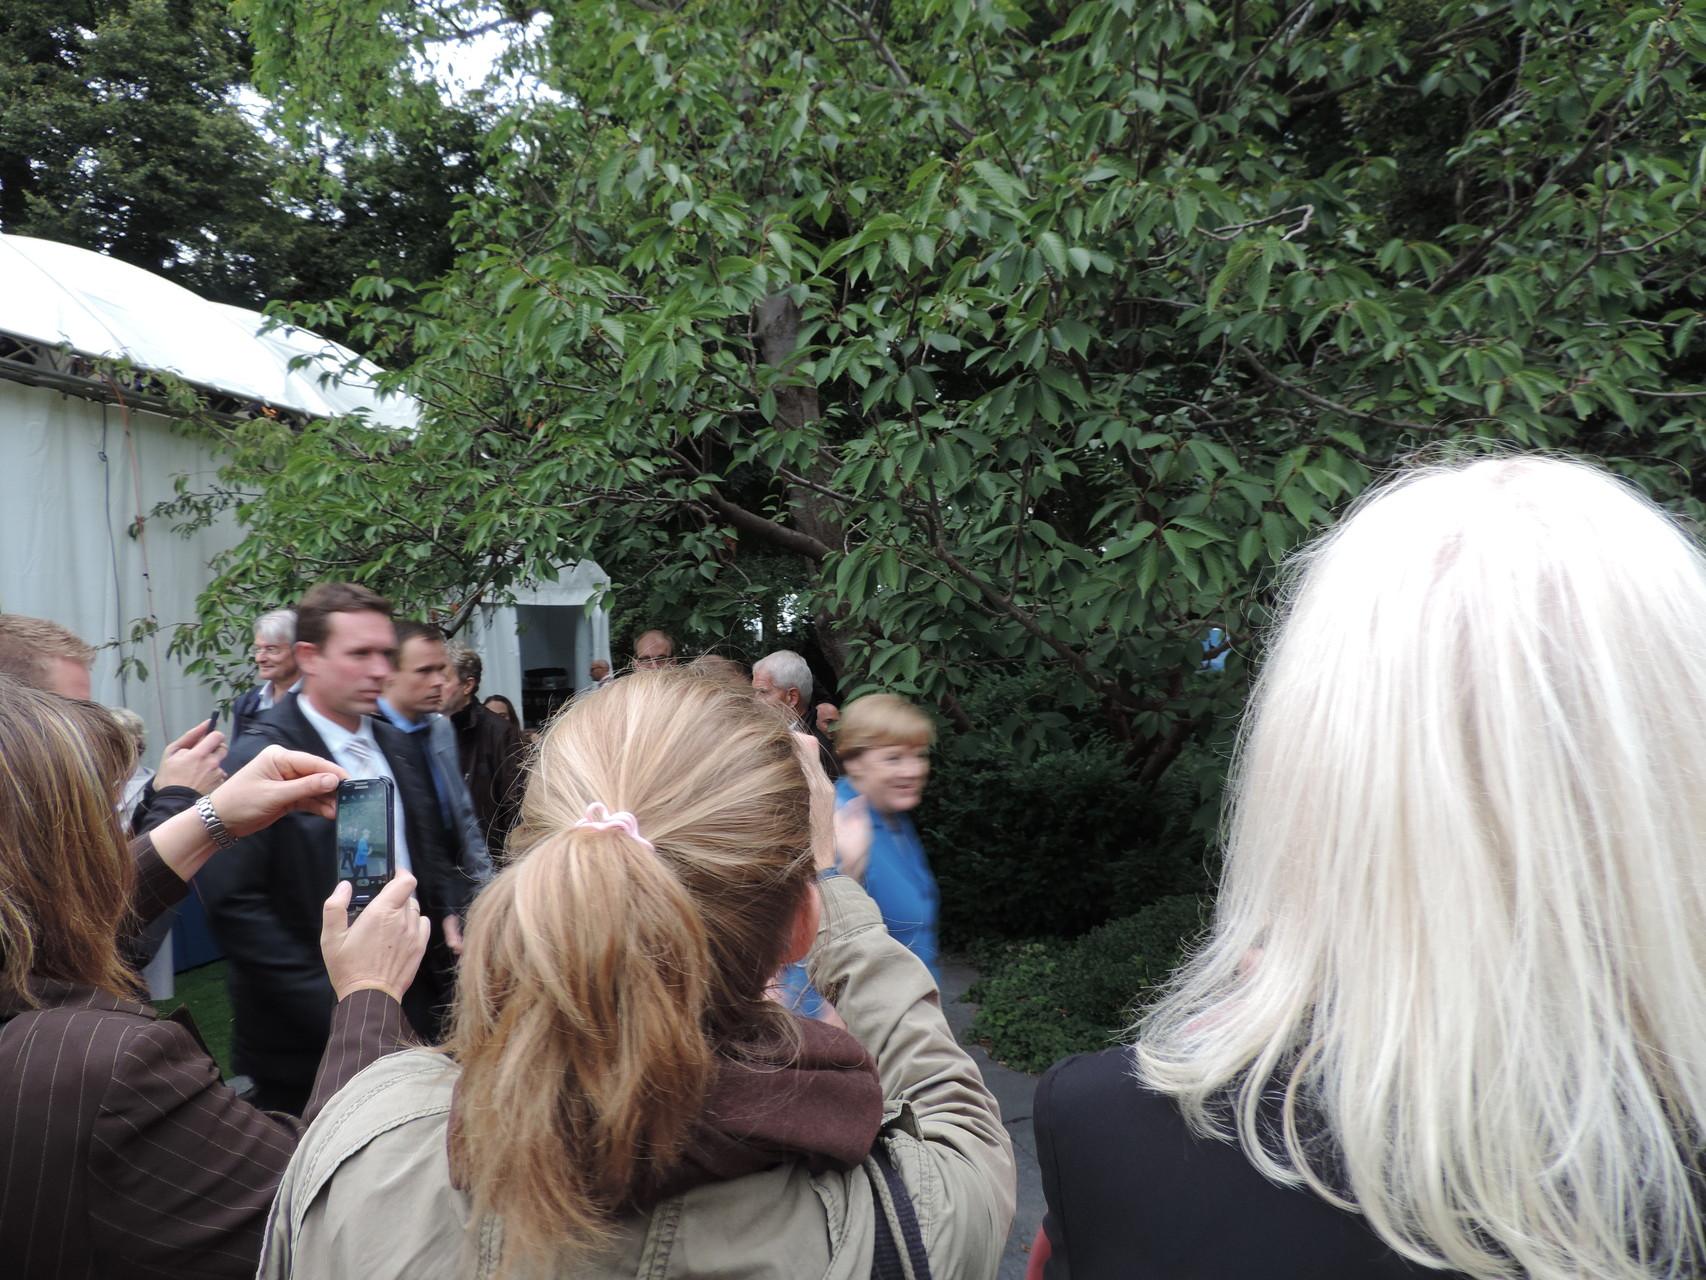 Die Bundeskanzlerin, Frau Merkel, war auch kurz anwesend, allerdings im Stechschritt unterwegs, sodass das Bild etwas arg unscharf wurde ;)